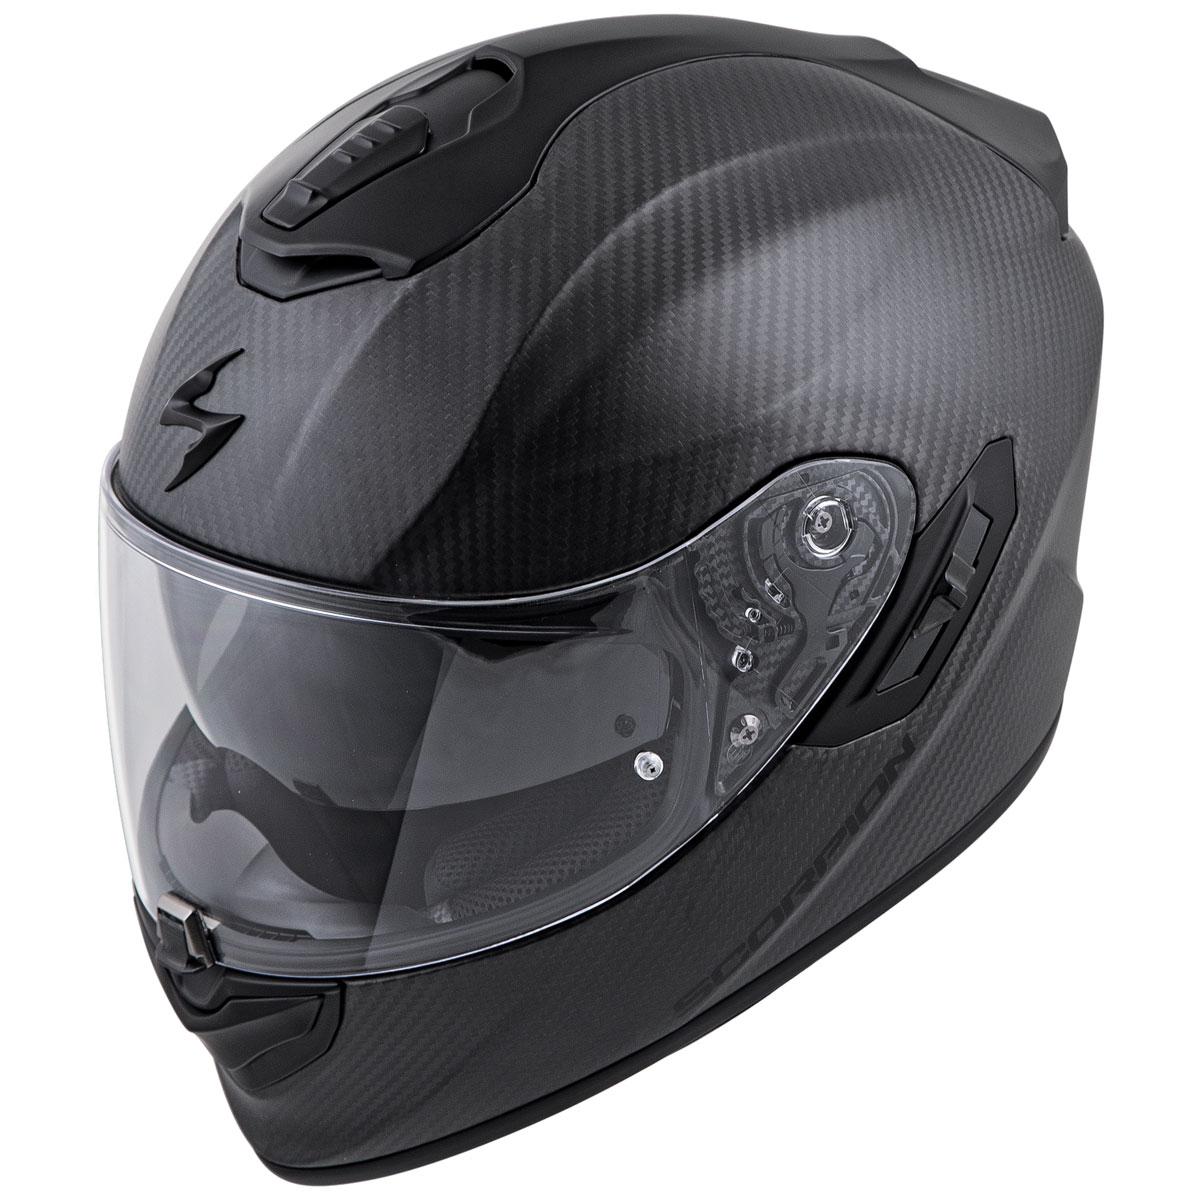 Scorpion EXO EXO-ST1400 Carbon Matte Black Full Face Helmet